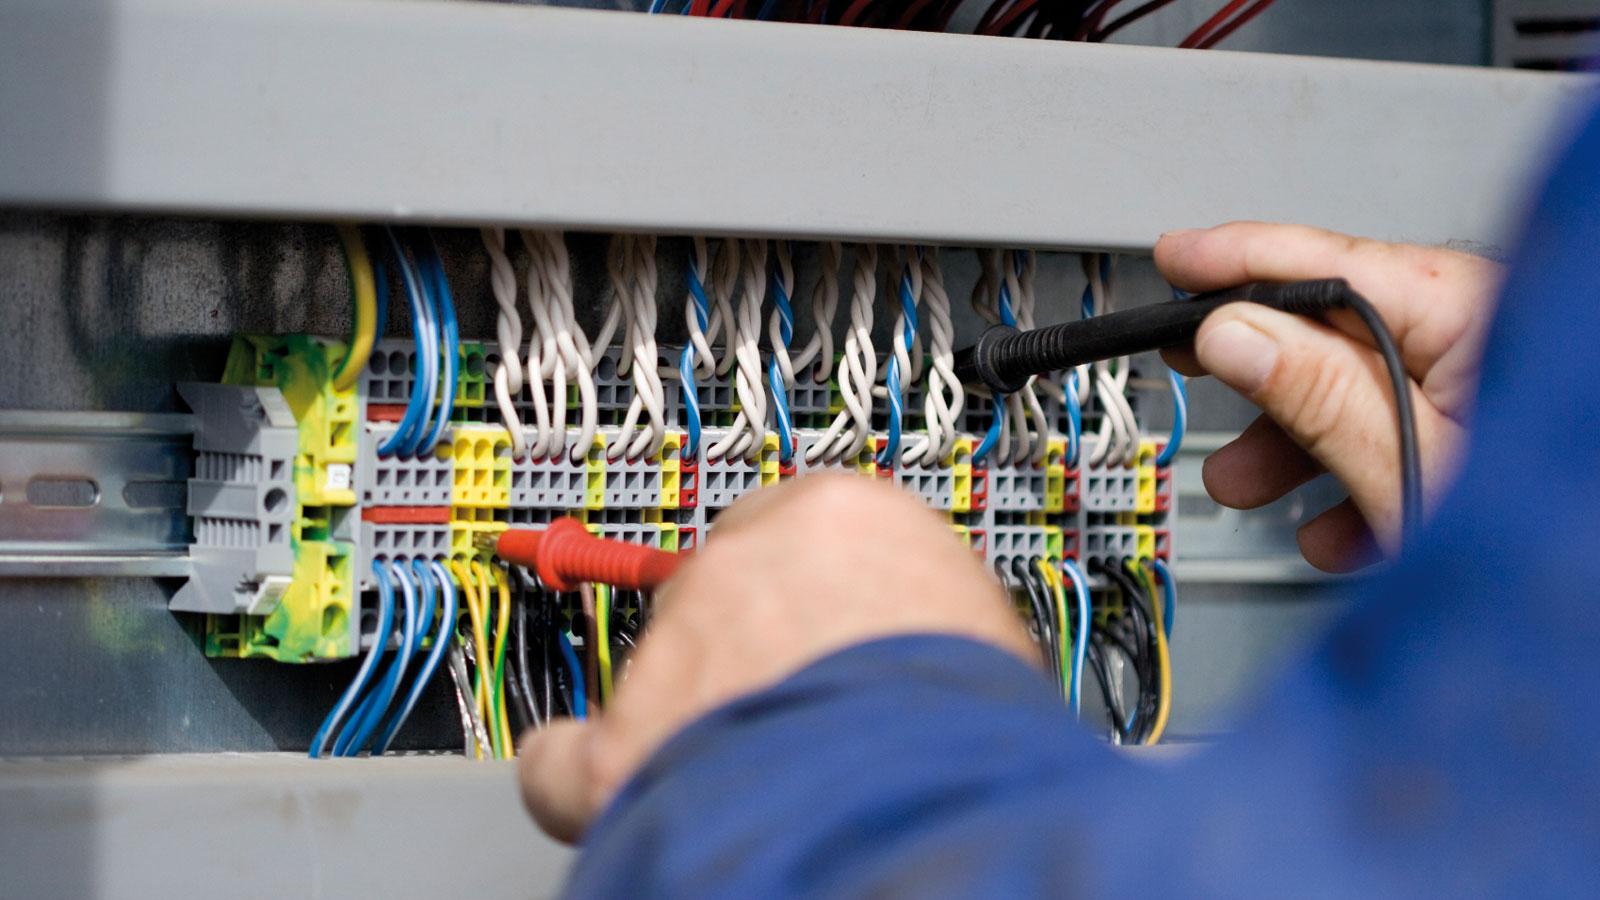 Schema Cablaggio Domotica : Cablaggio bonizzato impianti elettrici